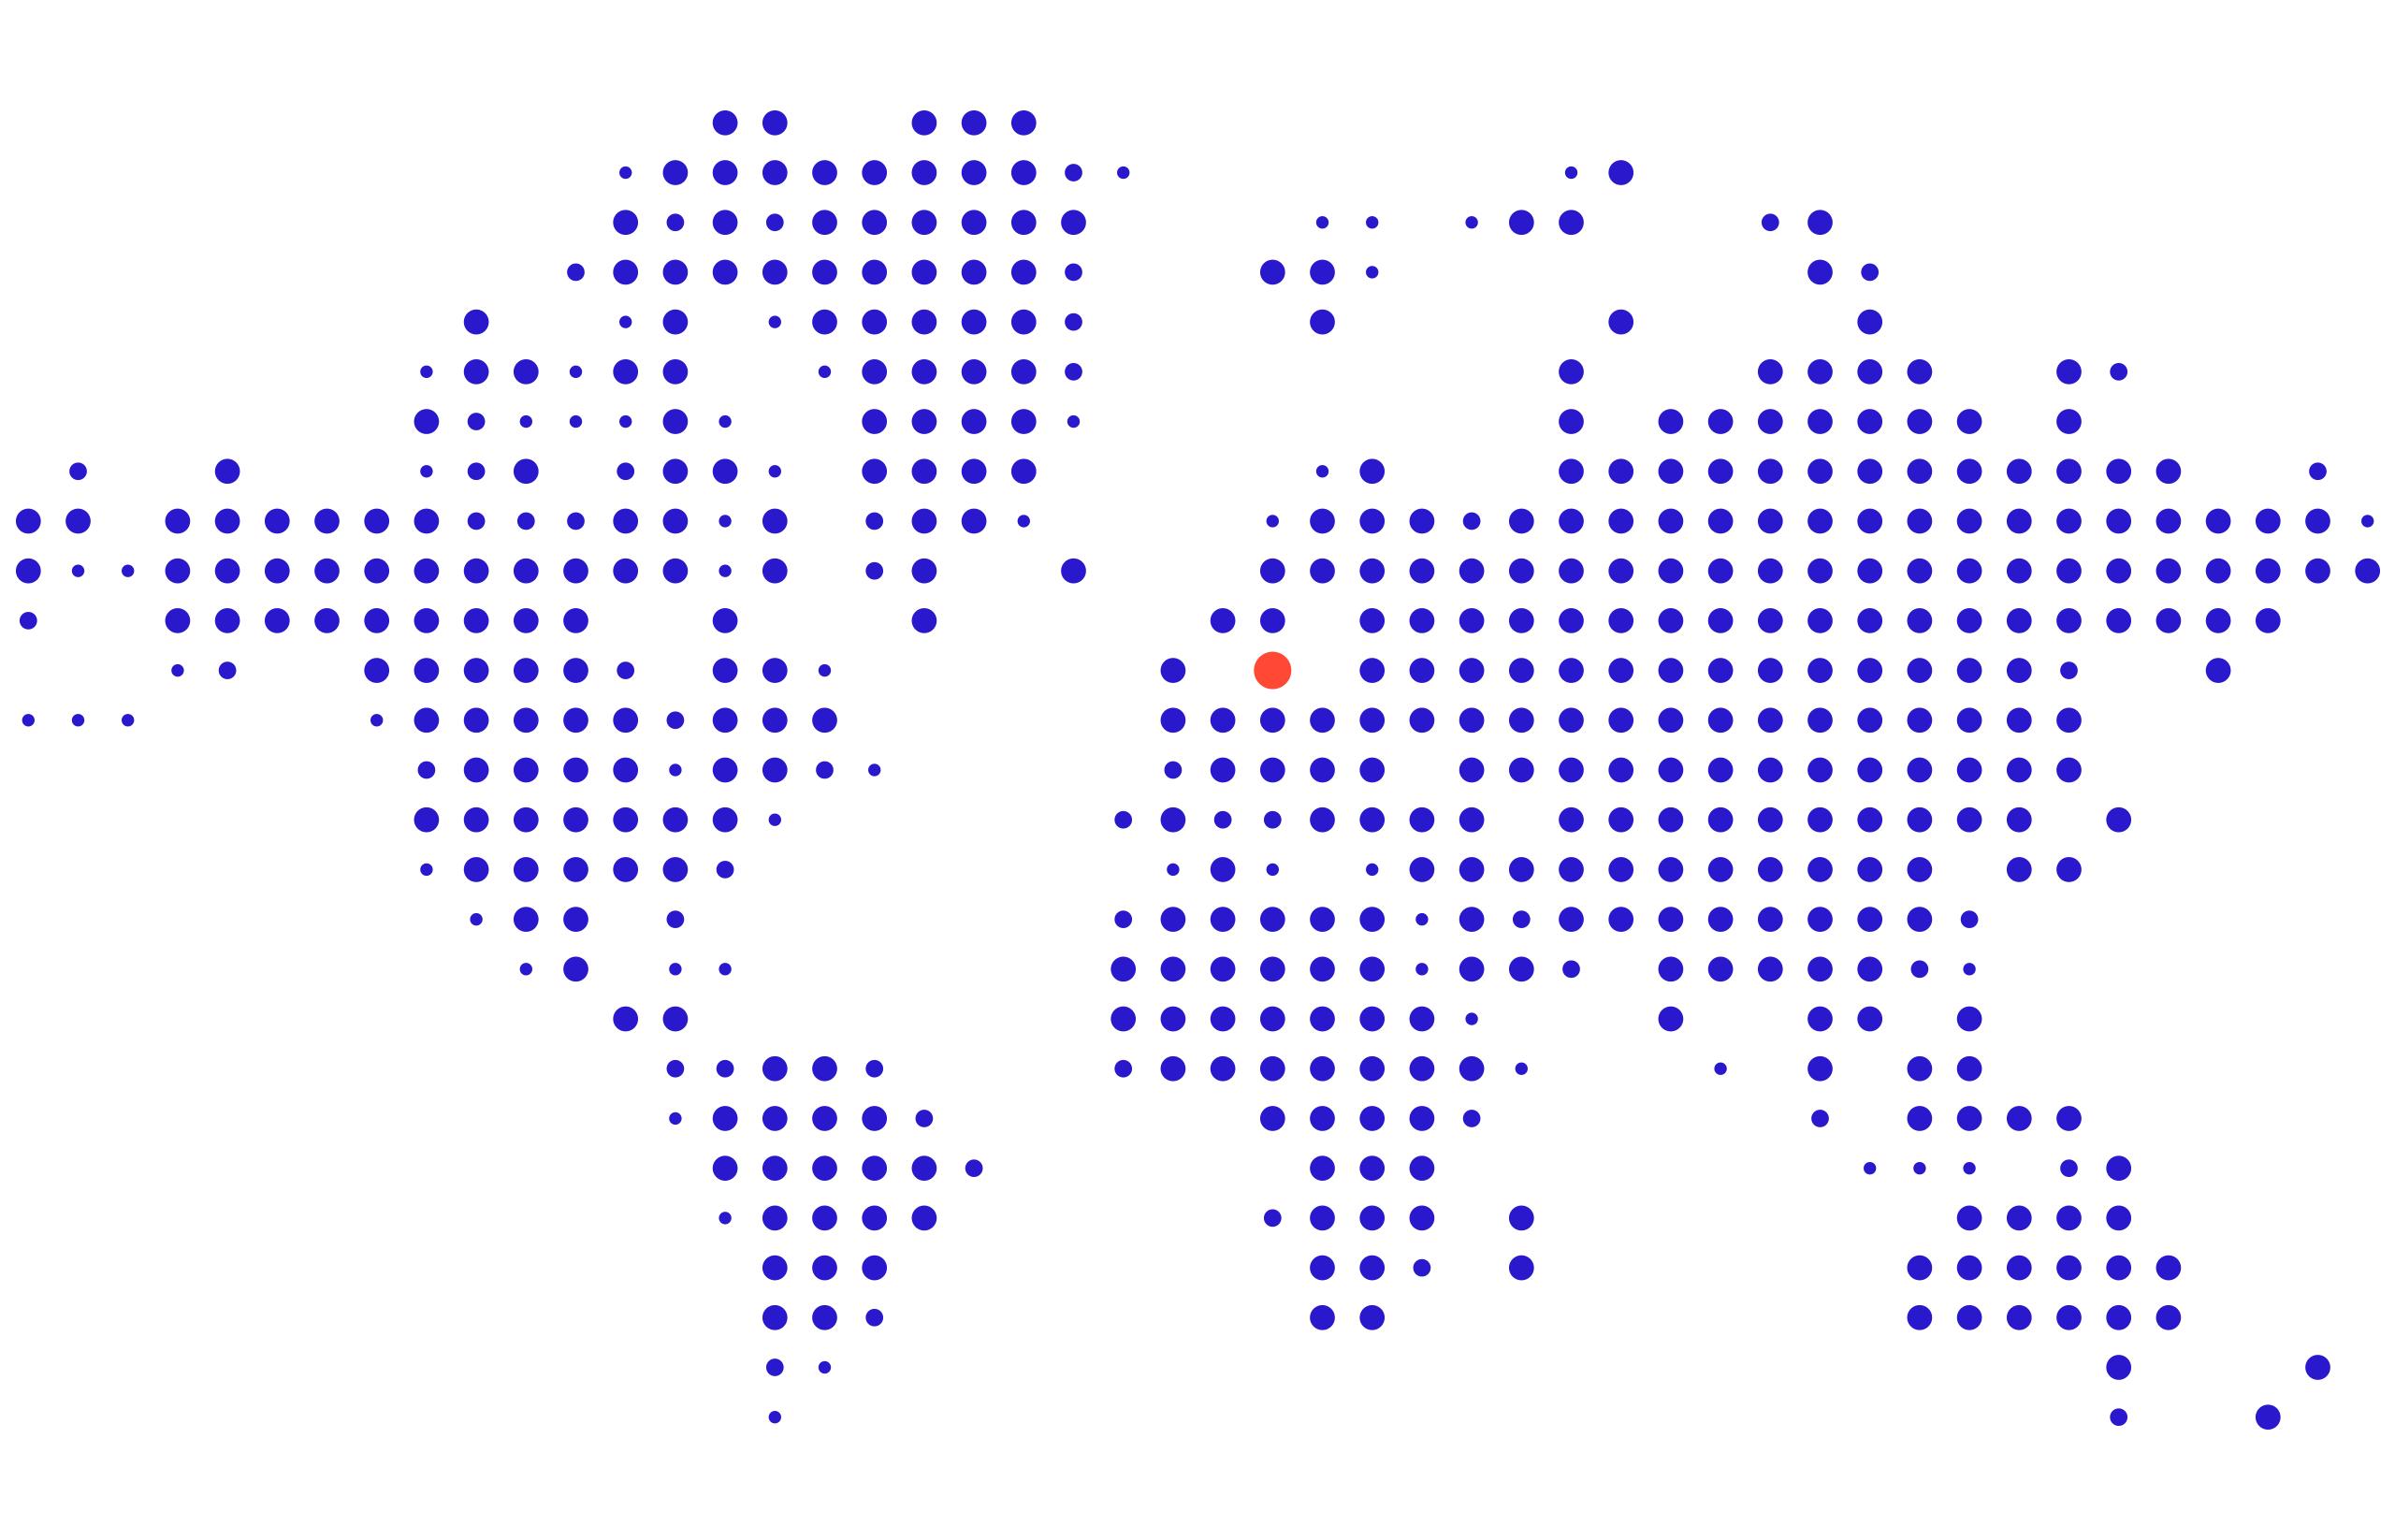 DANSKERHVERV_2020Blue-worldmap